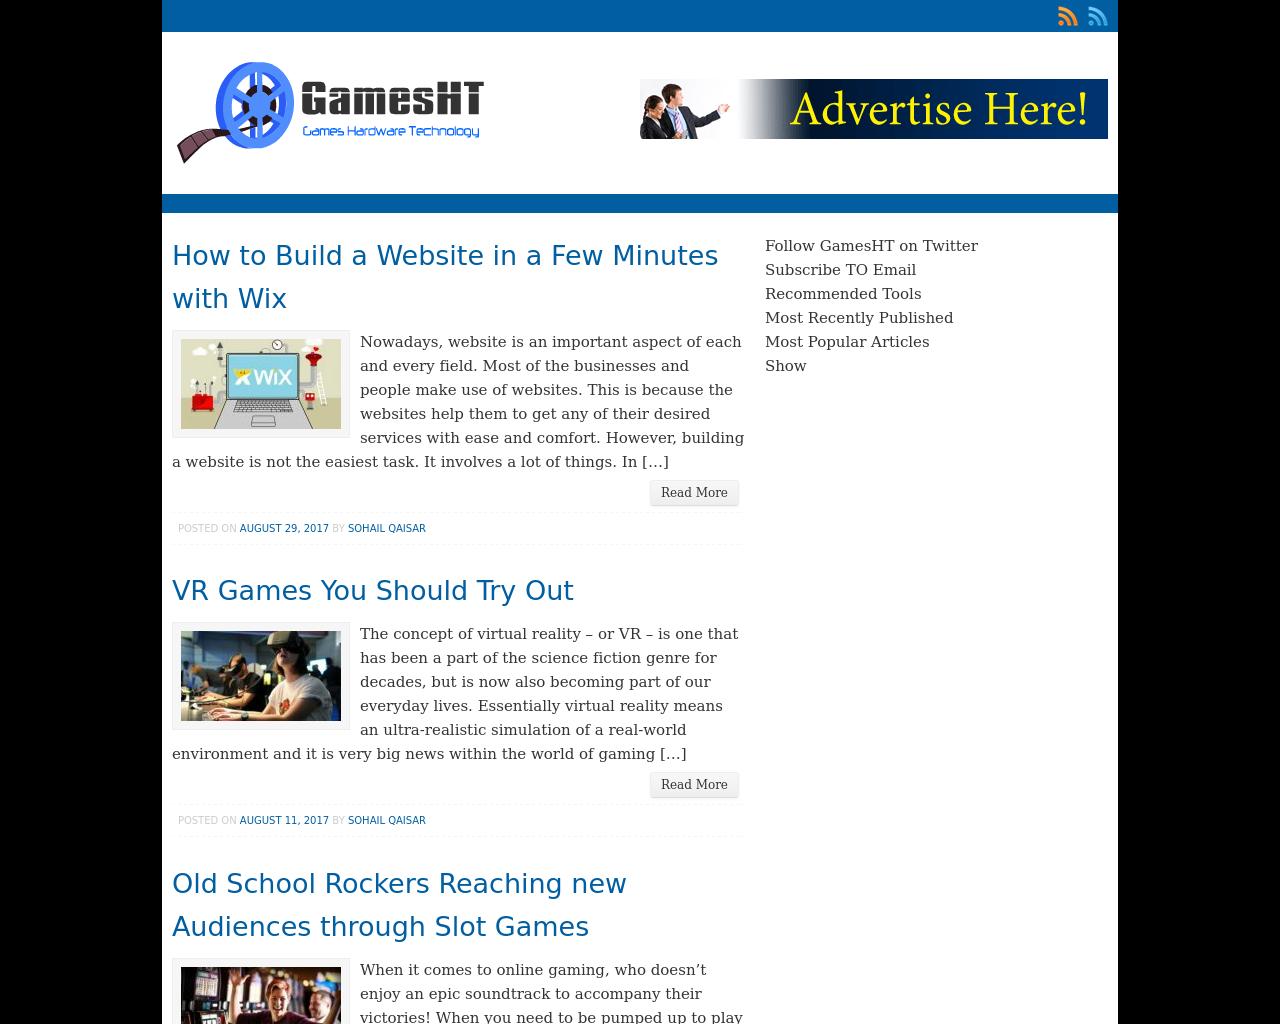 GamesHT-Advertising-Reviews-Pricing